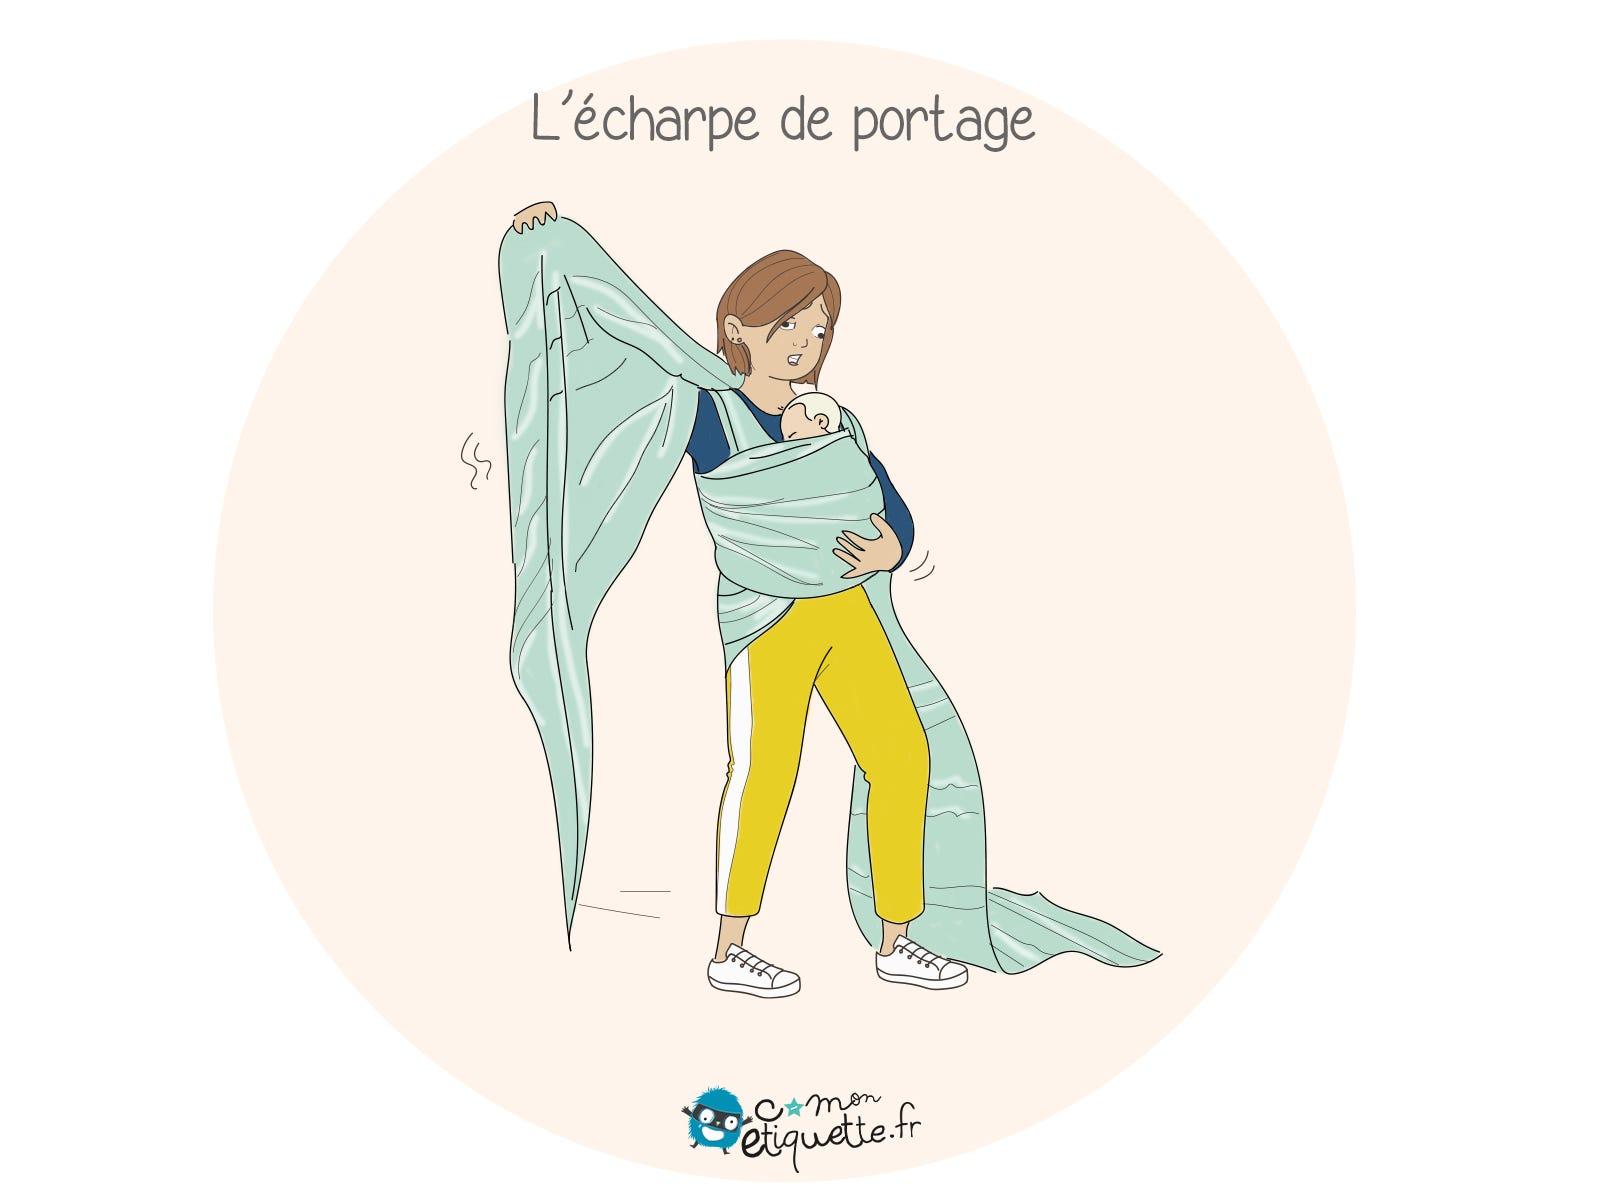 Quand il s'agit de porter bébé, l'écharpe de portage est idéale… Si on sait comment l'attacher !